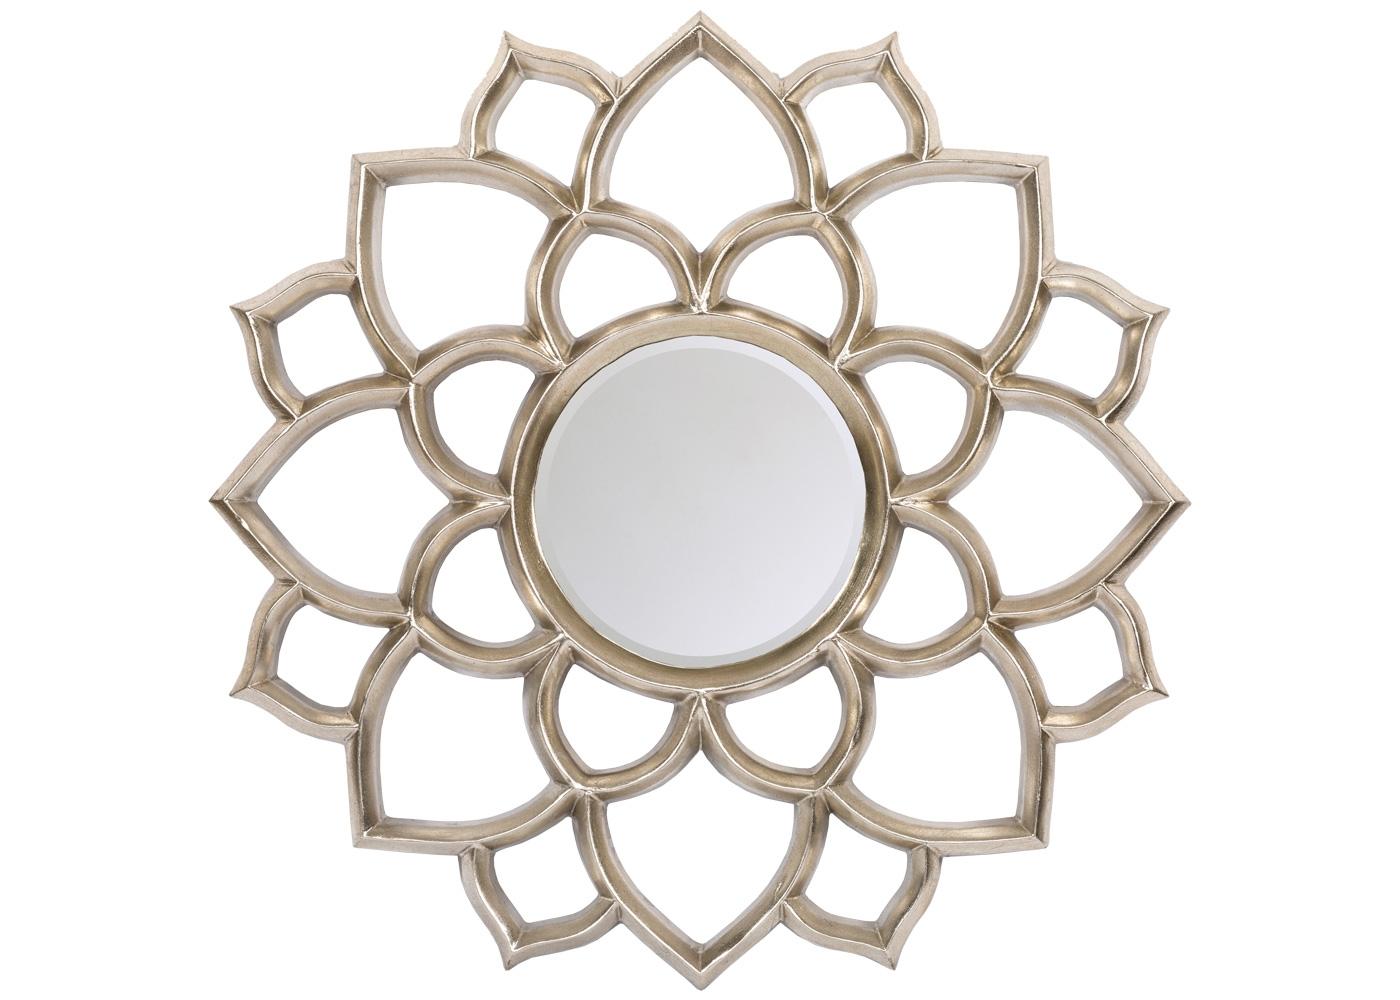 Настенное зеркало «Саммервилл»Настенные зеркала<br>Зеркало Саммервилл радует глаз платиновым оттенком рамы и дизайном, старательно обводящим природную форму георгина. Зеркальное ядро окружено фацетной гранью, подчеркивающей легкость дизайна. Прозрачный орнамент одинаково хорош и для цветных обоев, и для однотонных стен. Рама изготовлена из полиуретана, который достоверно имитирует любые материалы. На первый взгляд, оправа Саммервилл не отличается от металлической